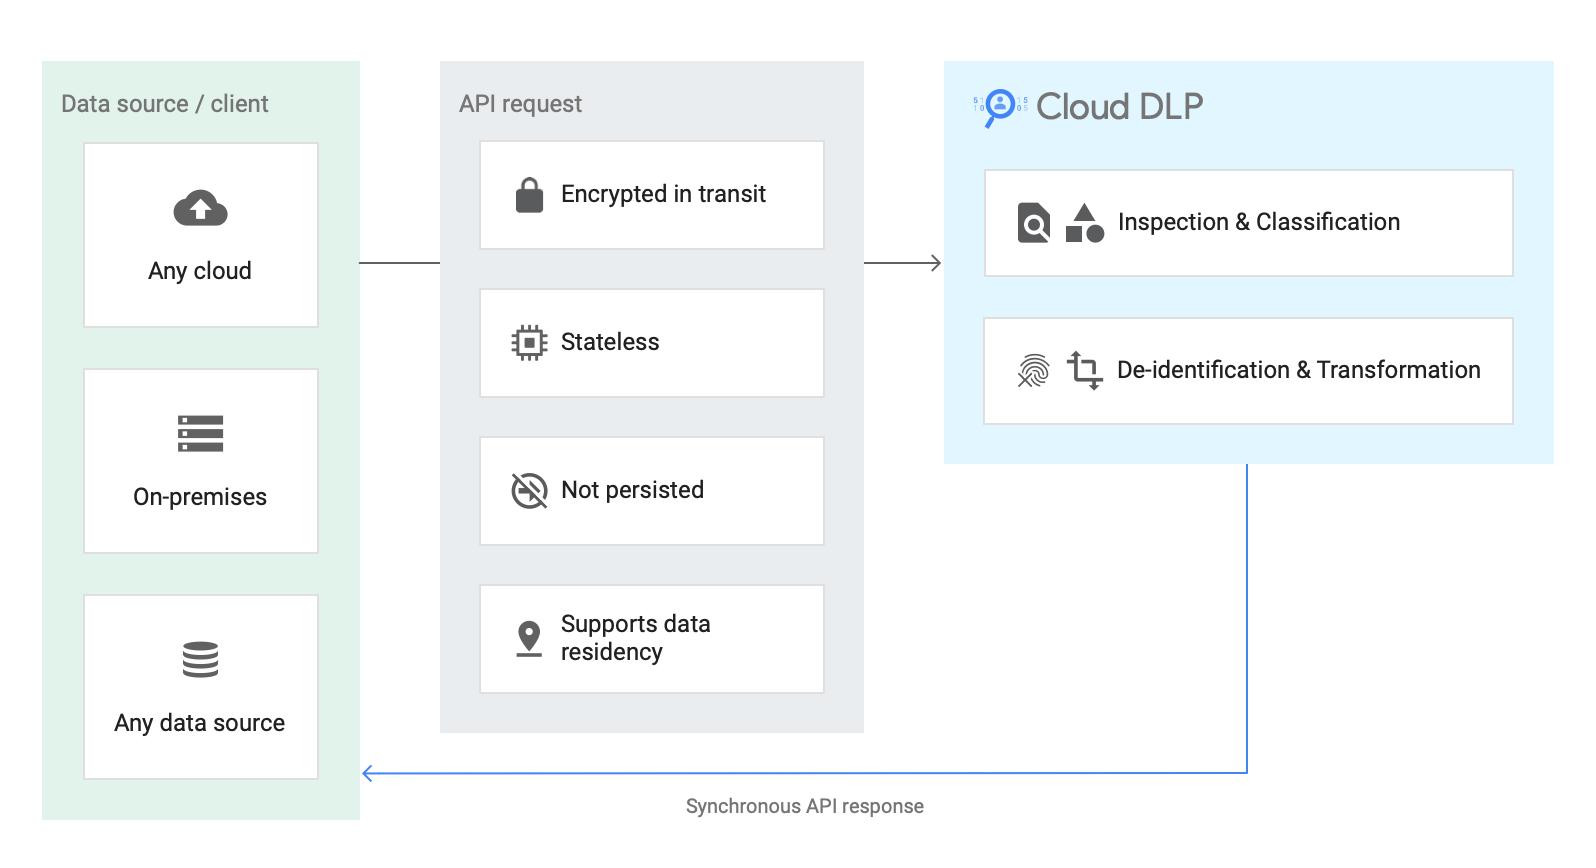 Diagrama de fluxo de dados de métodos de conteúdo mostrando um cliente enviando dados por meio de uma solicitação de API para o Cloud DLP, que pode inspecionar e classificar ou desidentificar e transformar os dados, enviando uma resposta síncrona de API ao cliente.